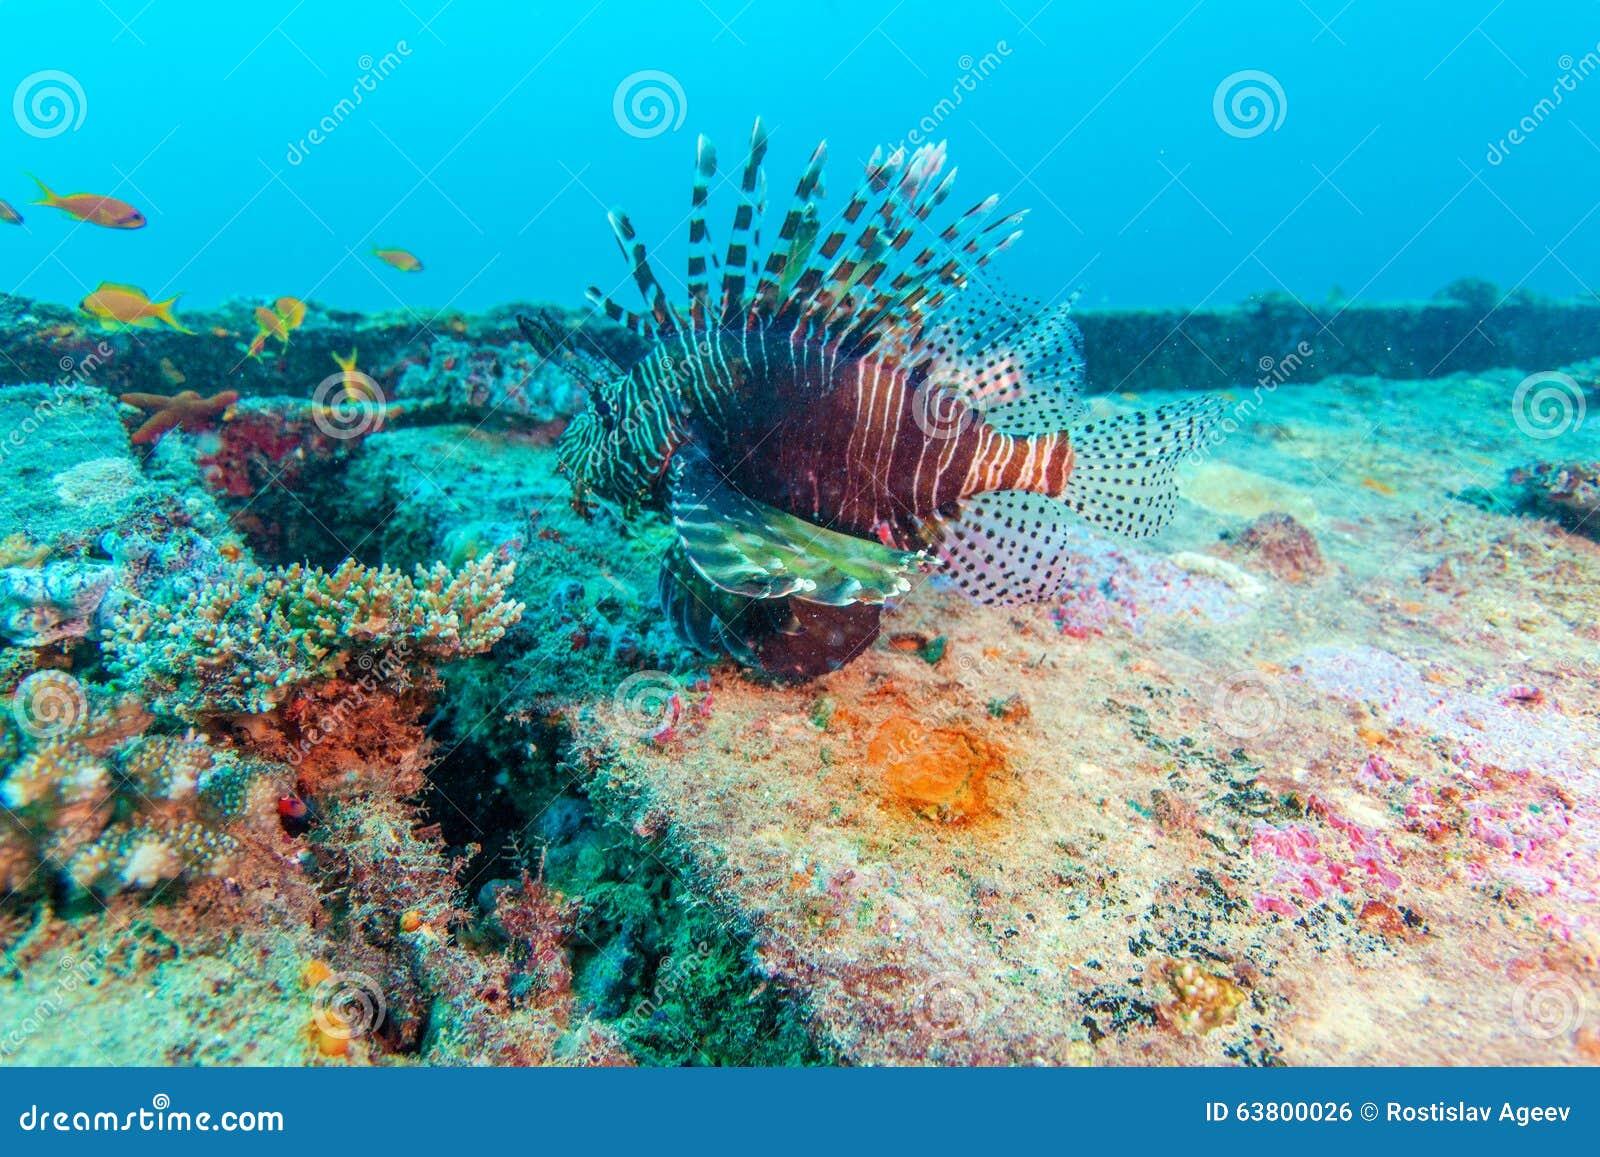 Gefährlicher Lion Fish nahe Schiffbruch